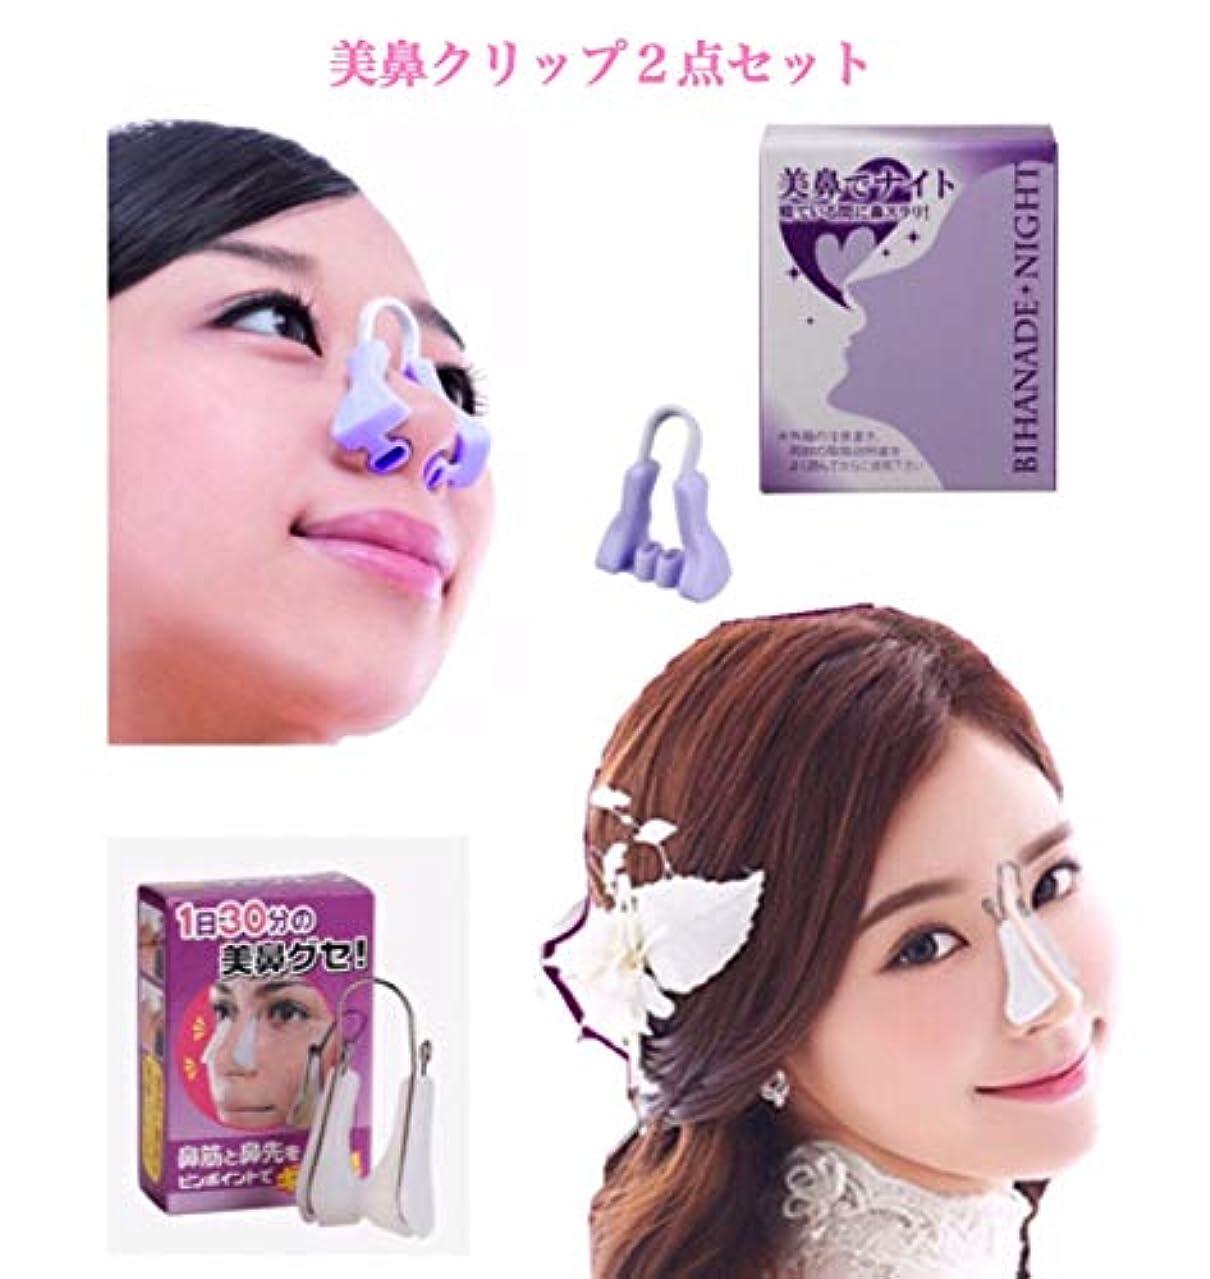 ファイター溶かす副産物Trust Contact 美鼻クリップ 2点セット 美鼻 鼻筋 矯正 鼻プチ